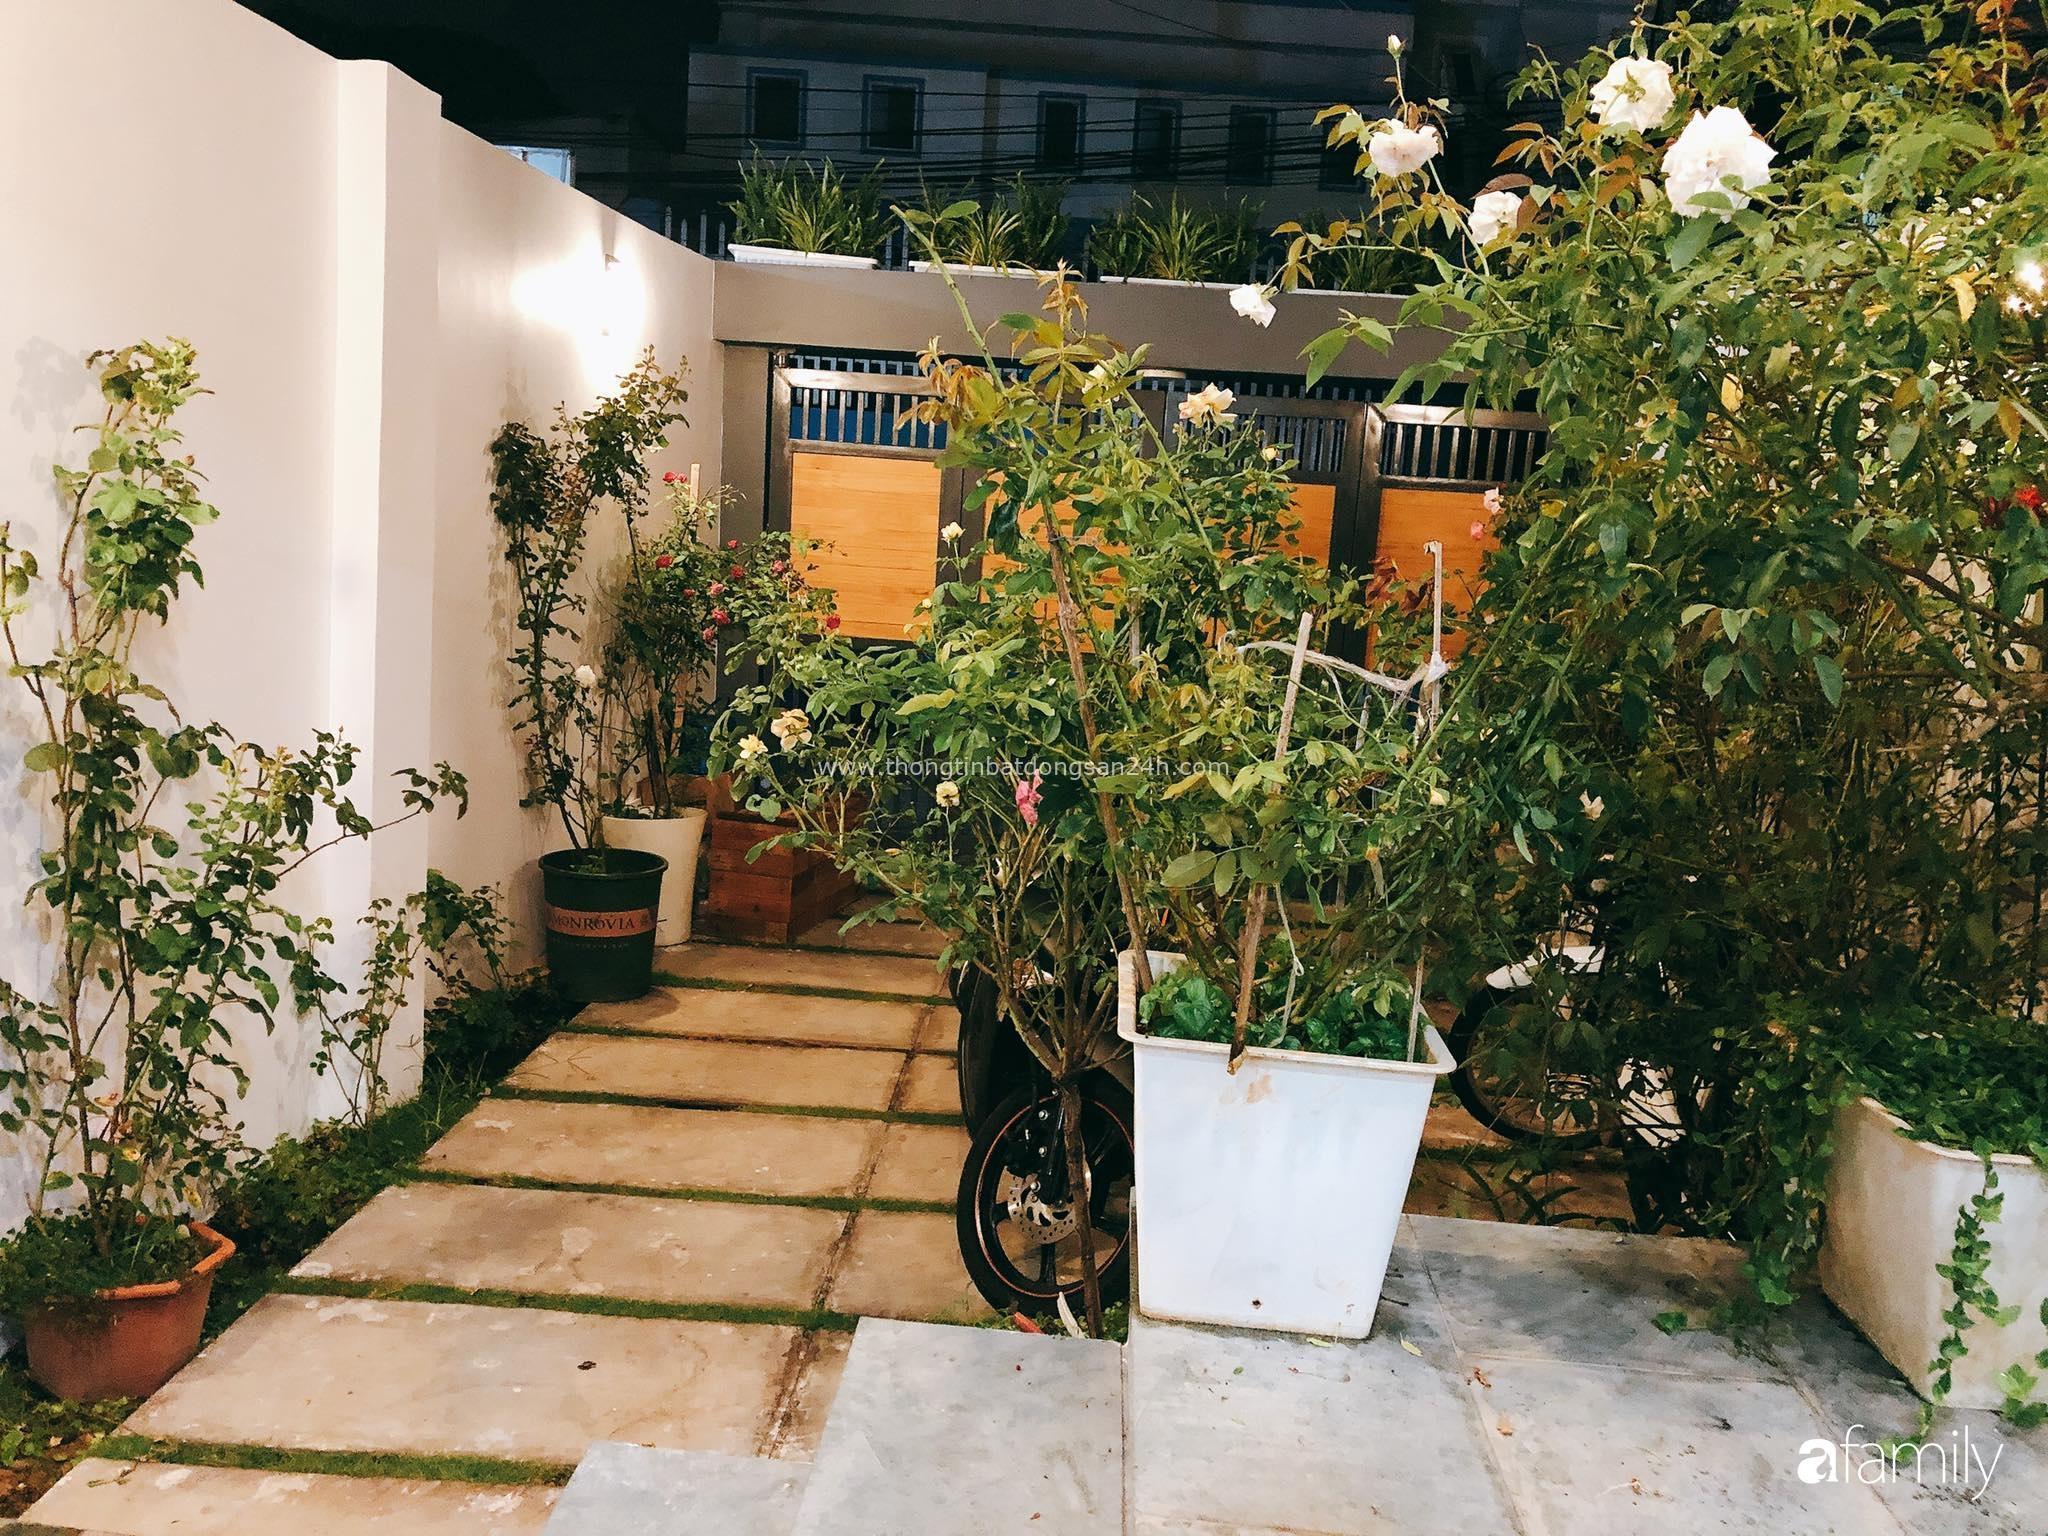 Nhà 35m² được cải tạo thành không gian sống hiện đại với ánh sáng ngập tràn cùng những chất liệu thân thiện với môi trường ở Vũng Tàu - Ảnh 4.